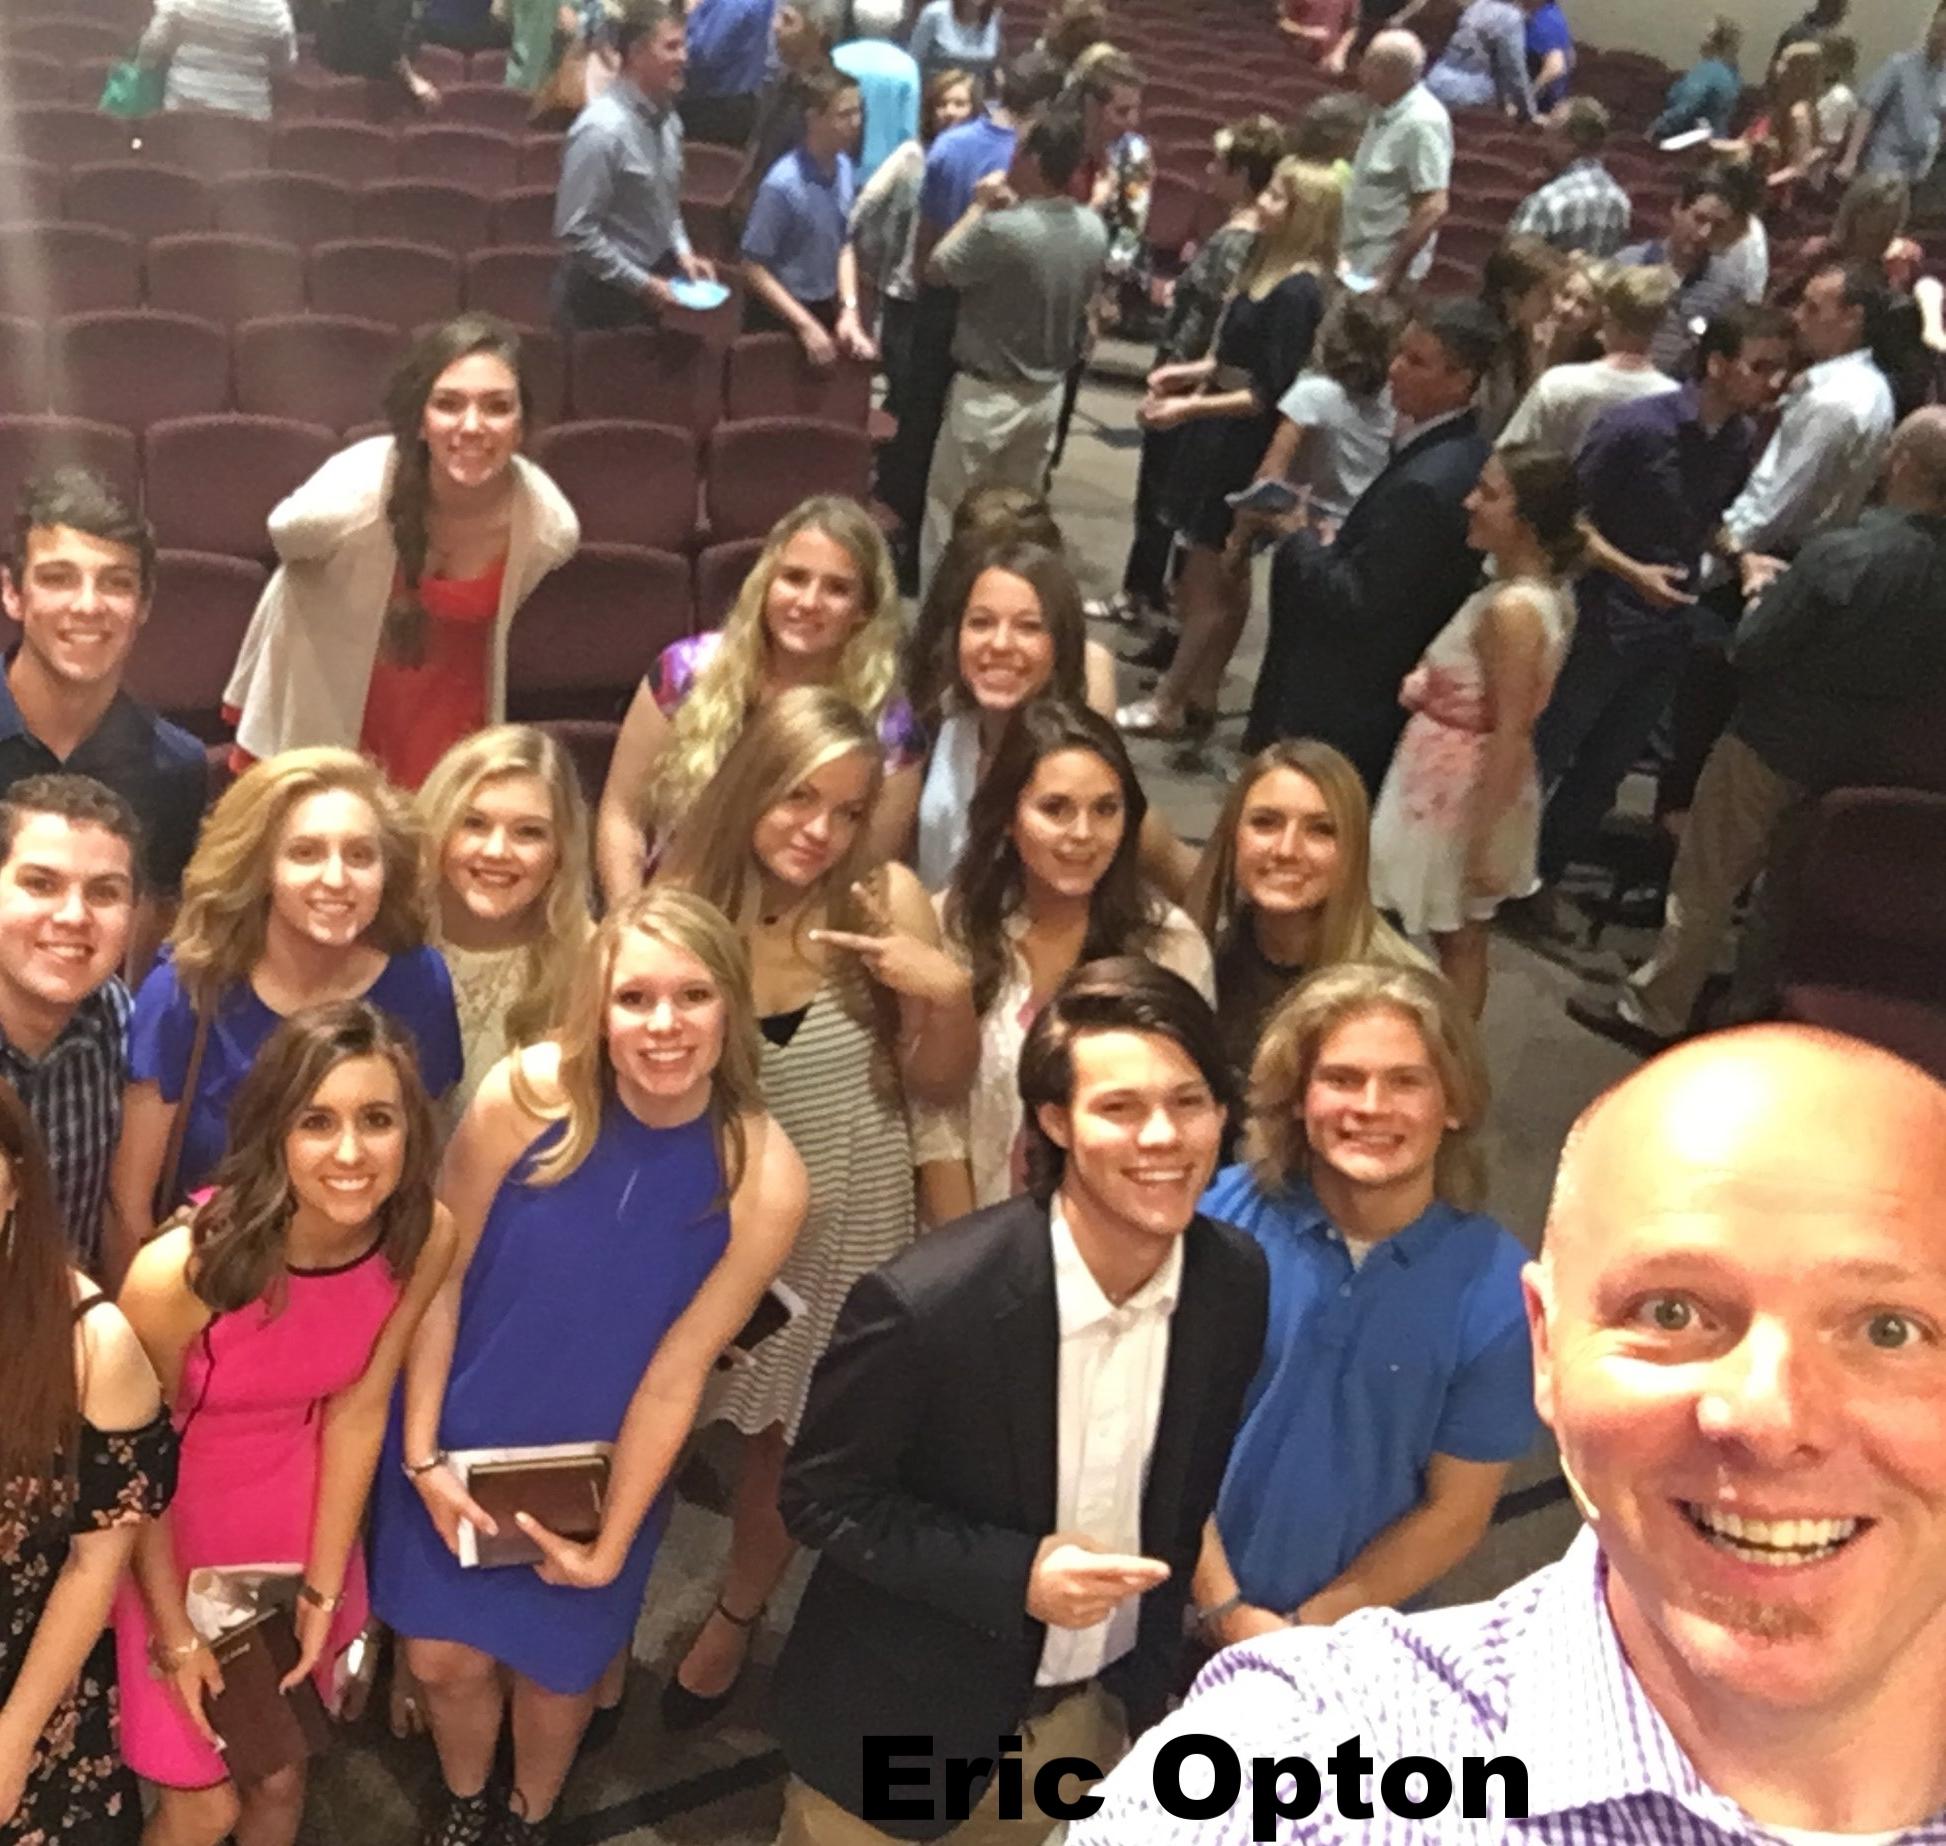 Eric Opton